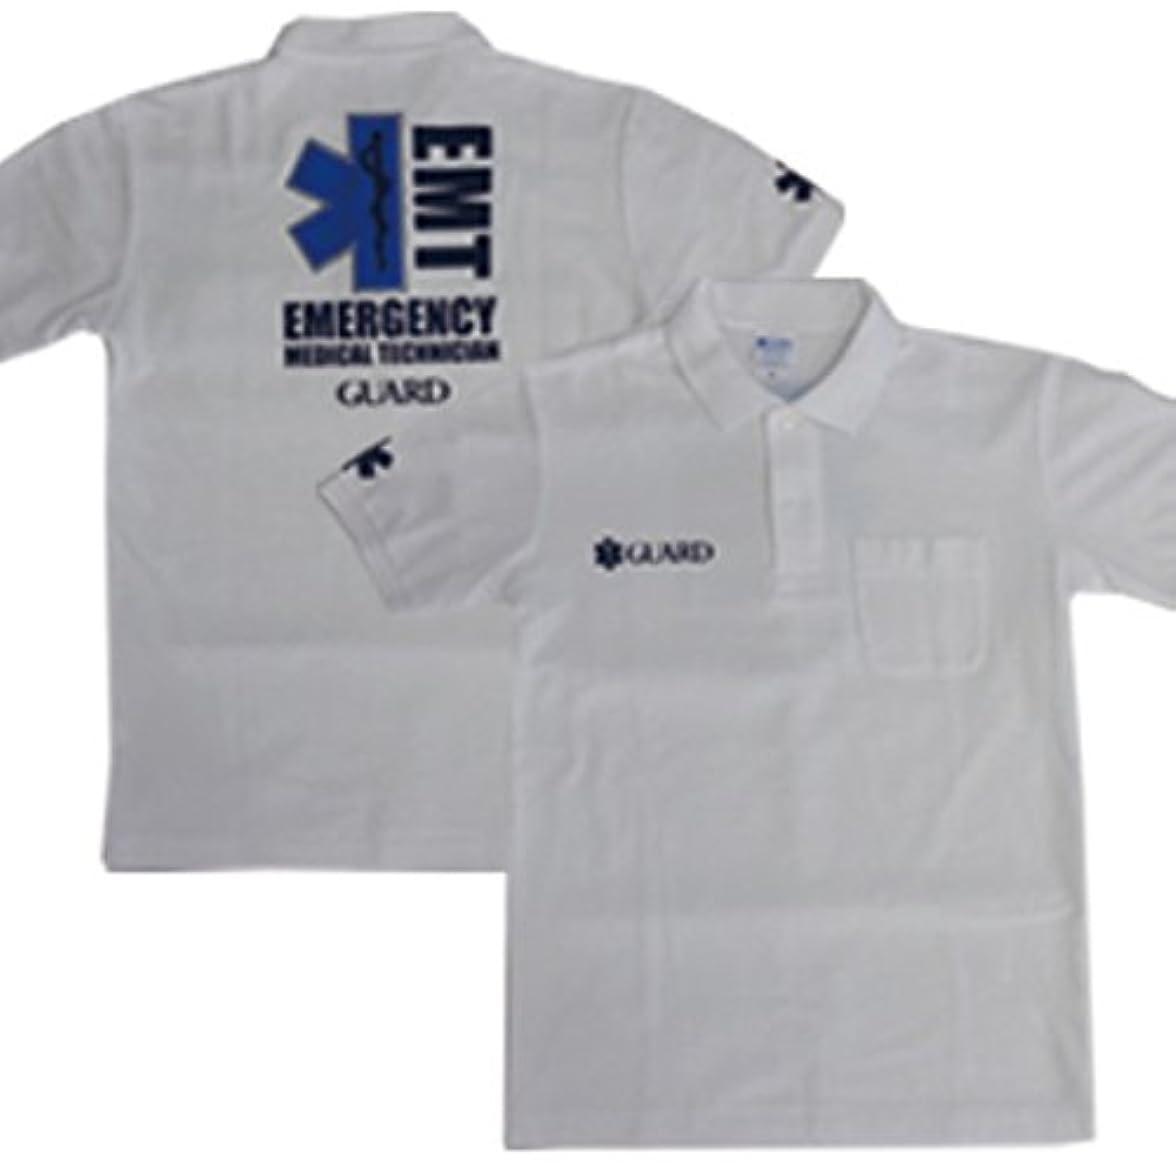 鳩貨物干し草GUARD ガード 胸ポケット付 鹿の子ポロシャツ/スターオブライフ EMT 救急救命士 pol-205 メンズ アウトドア レスキュー